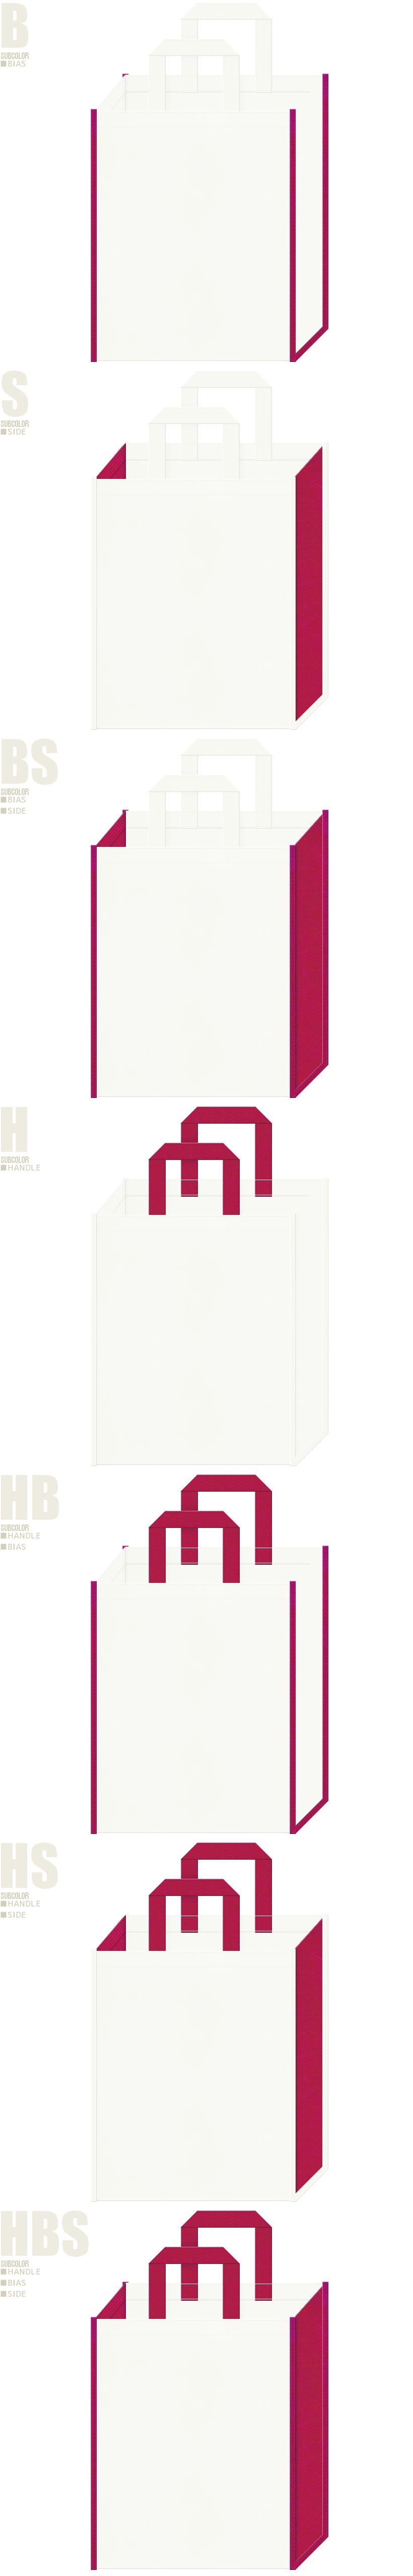 医療施設・病院・看護士研修・女子イベント・スポーツイベント・イチゴミルク・ブーケ・ウェディング・ドレス・スワン・フラミンゴ・バレエ・ファンシー・ガーリーデザインの展示会用バッグにお奨めの不織布バッグデザイン:オフホワイト色と濃いピンク色の不織布バッグ配色7パターン